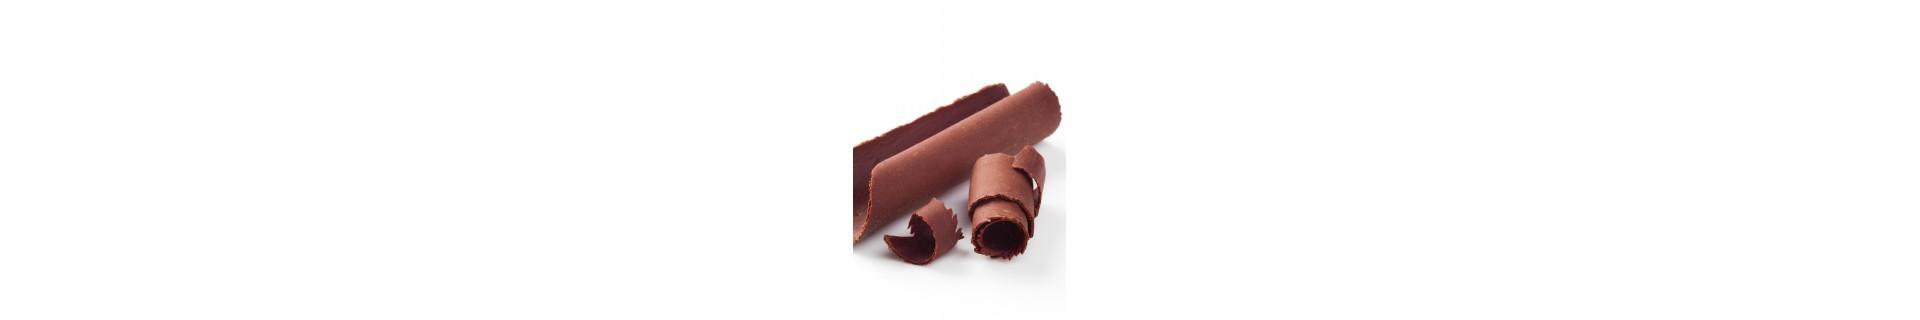 Comprar chocolate y bombones